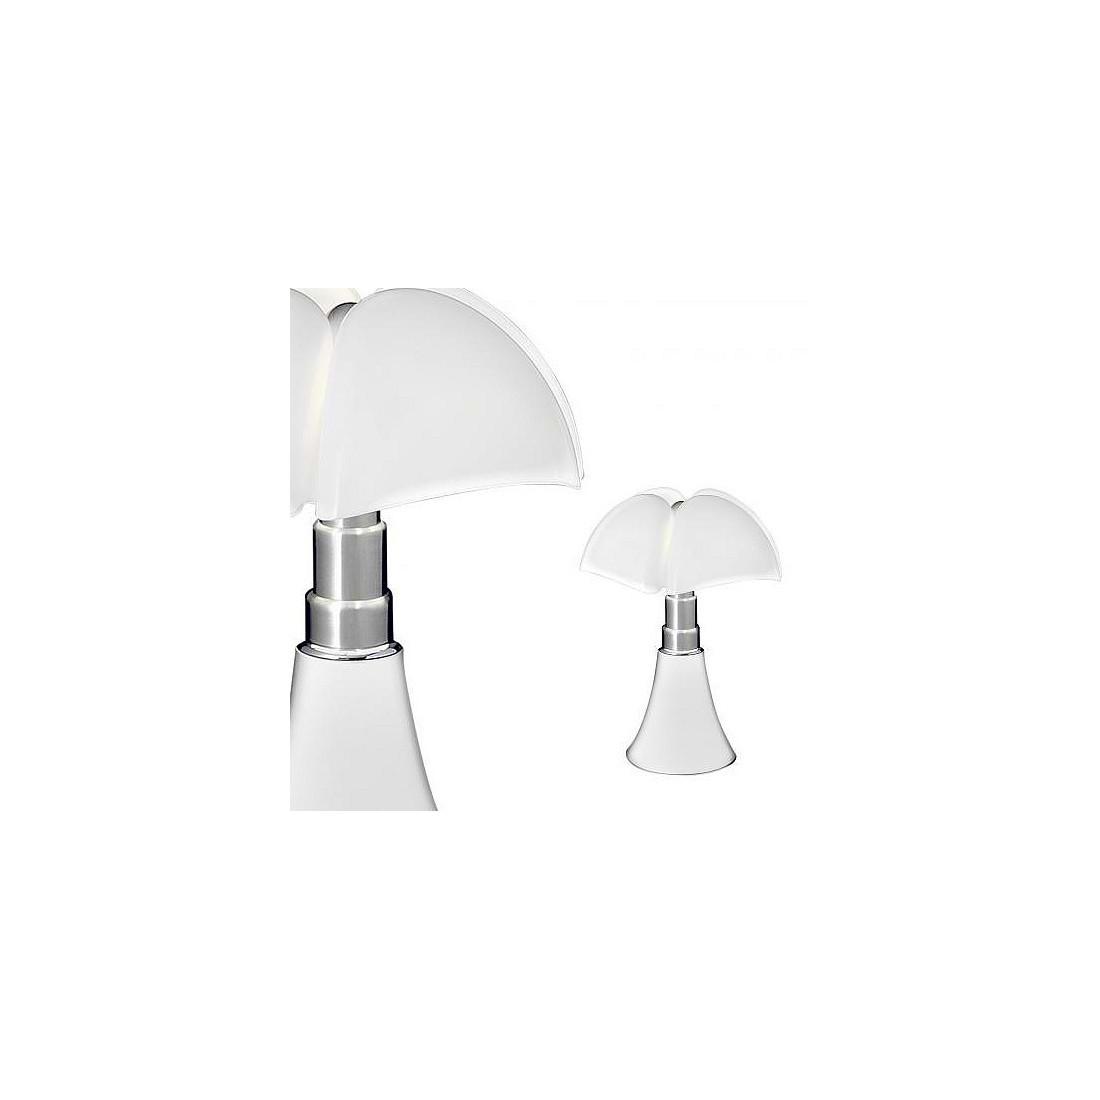 vraie lampe poser mini pipistrello led 9w blanche martinelli 35 cm. Black Bedroom Furniture Sets. Home Design Ideas